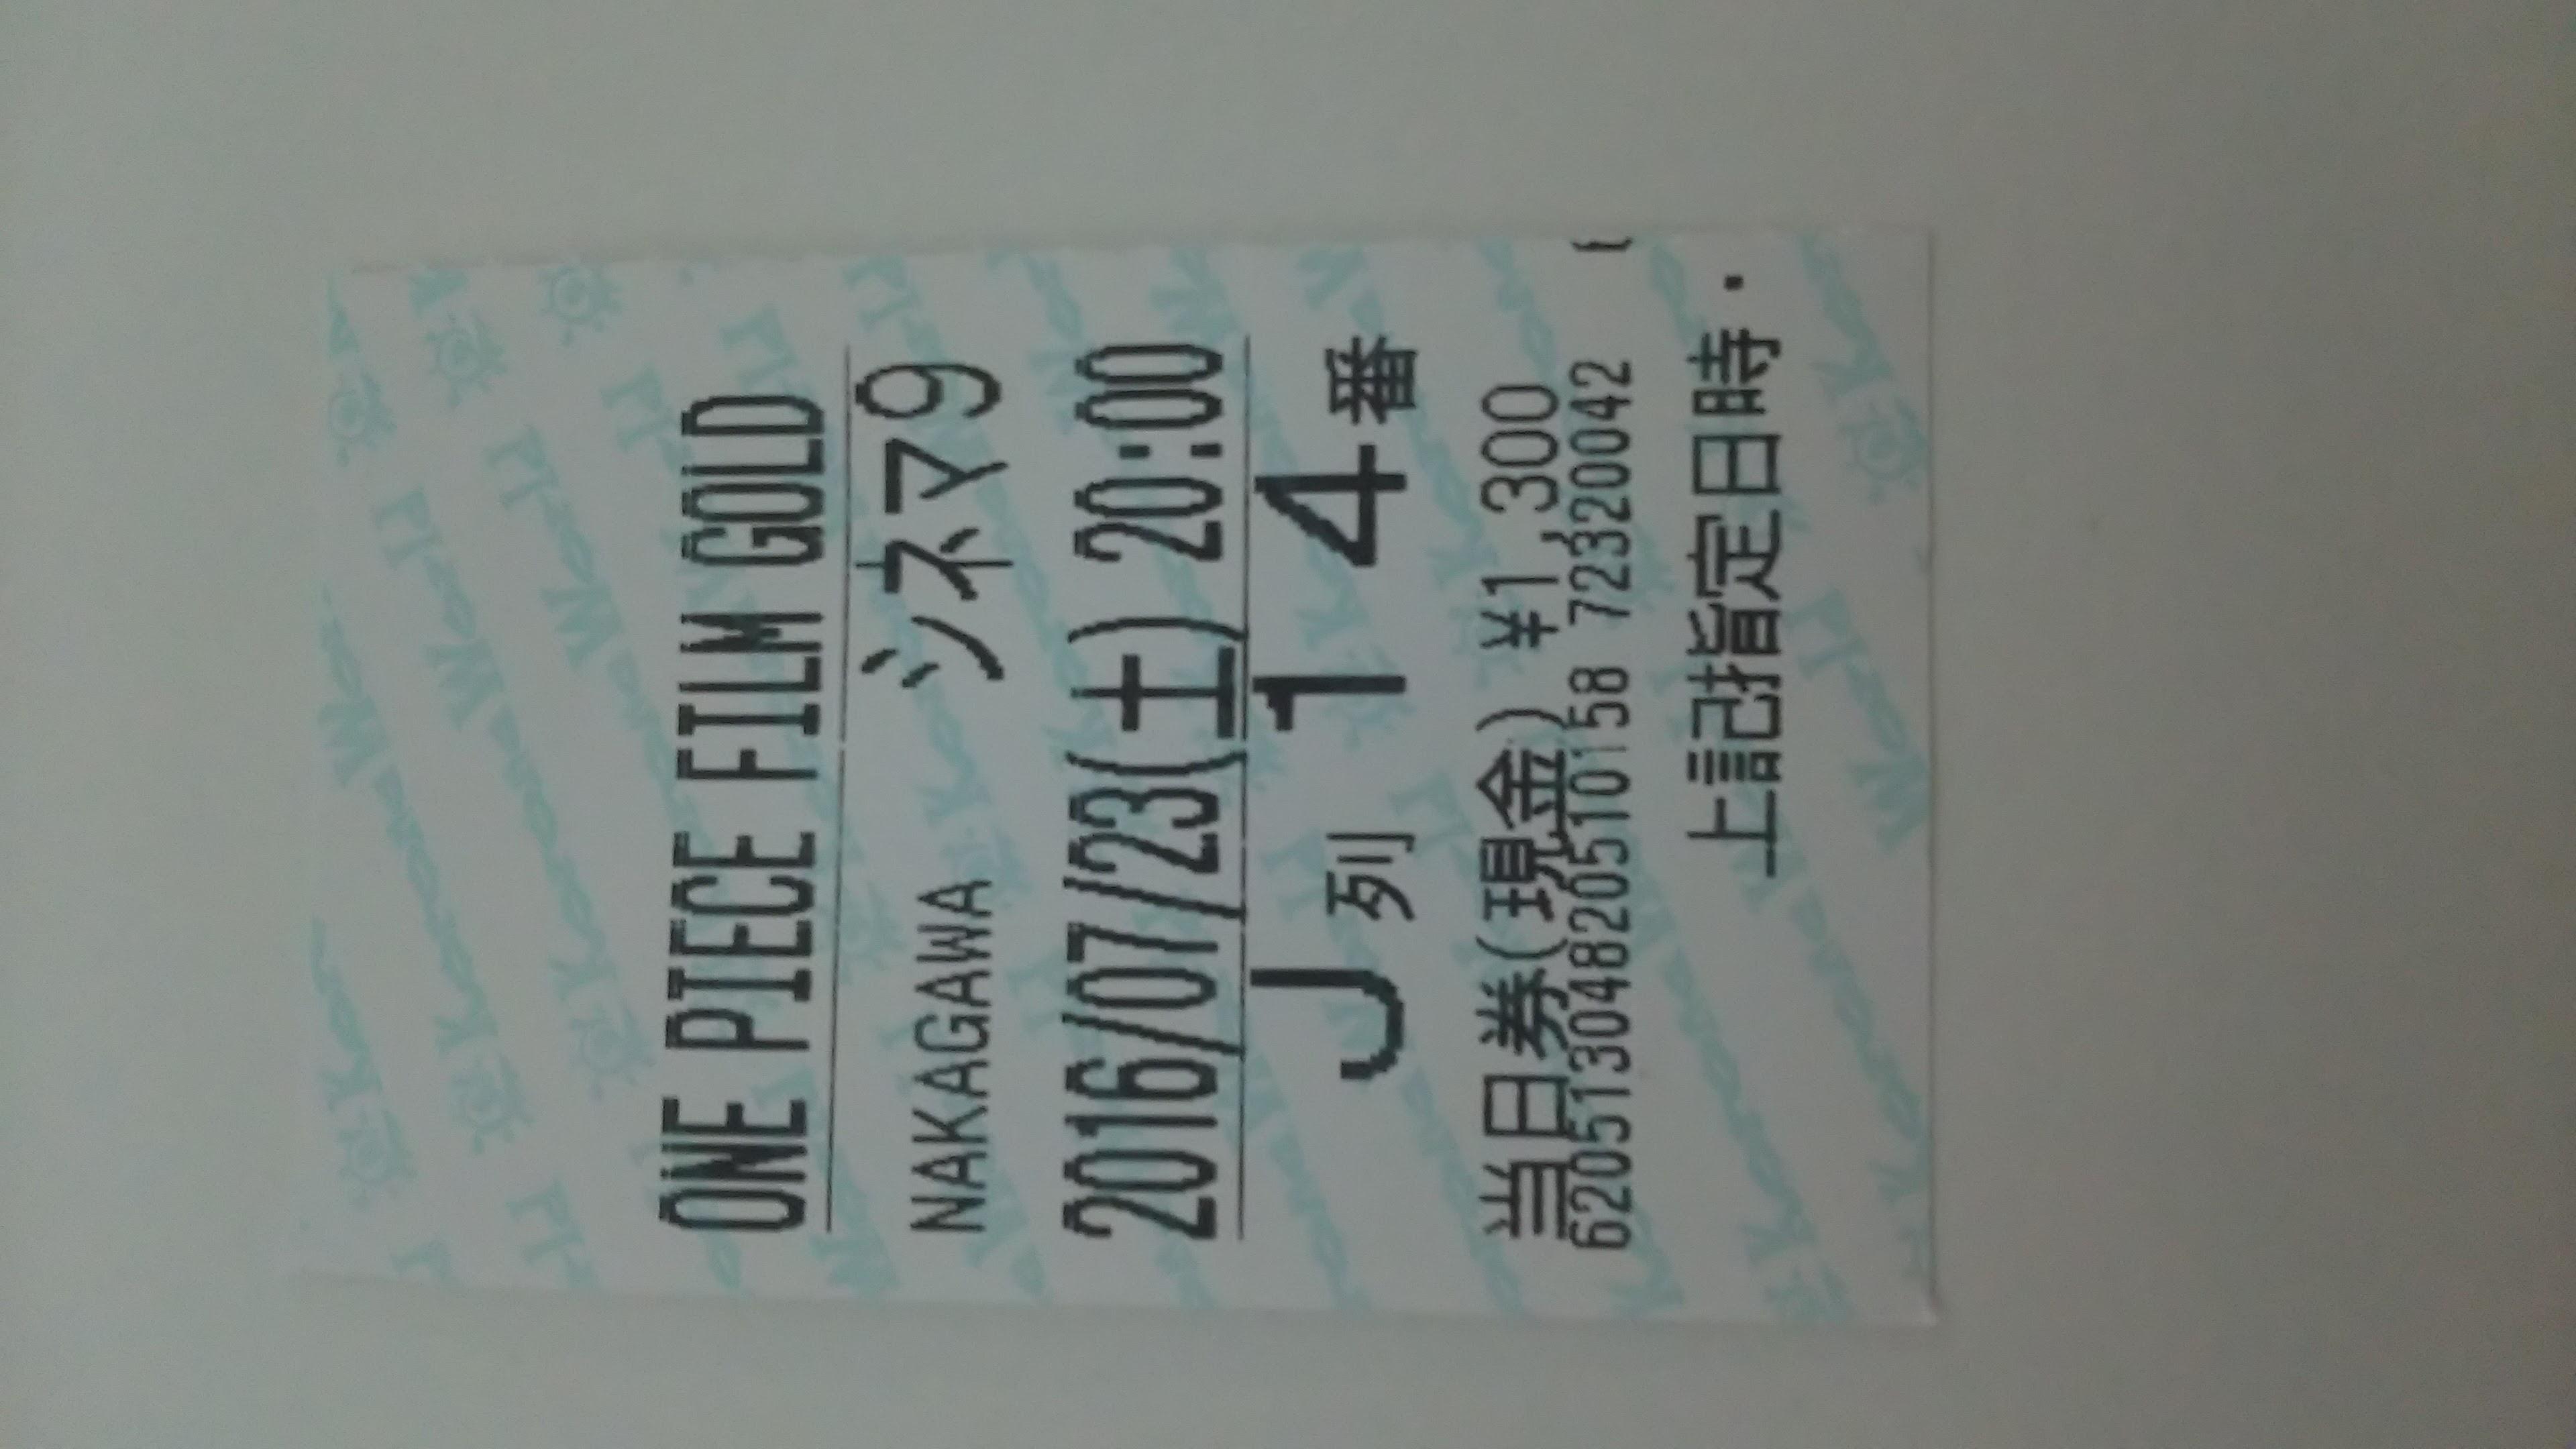 7月23日公開 ワンピースフィルムゴールドを見てきたネタバレ無しな感想